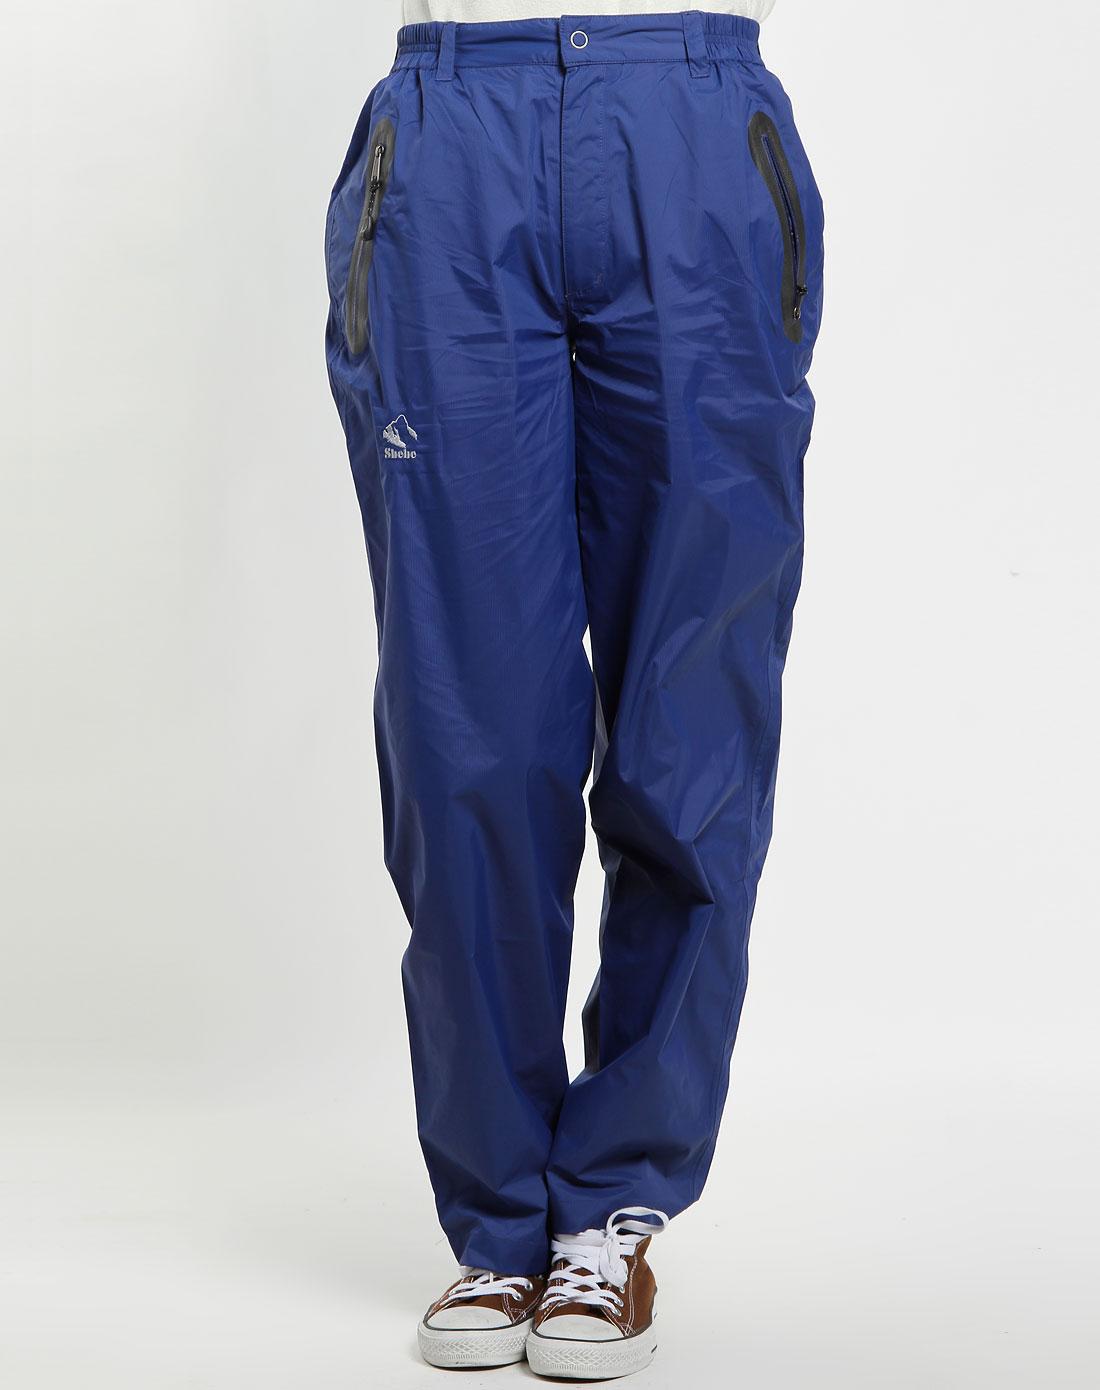 女款蓝色休闲长裤